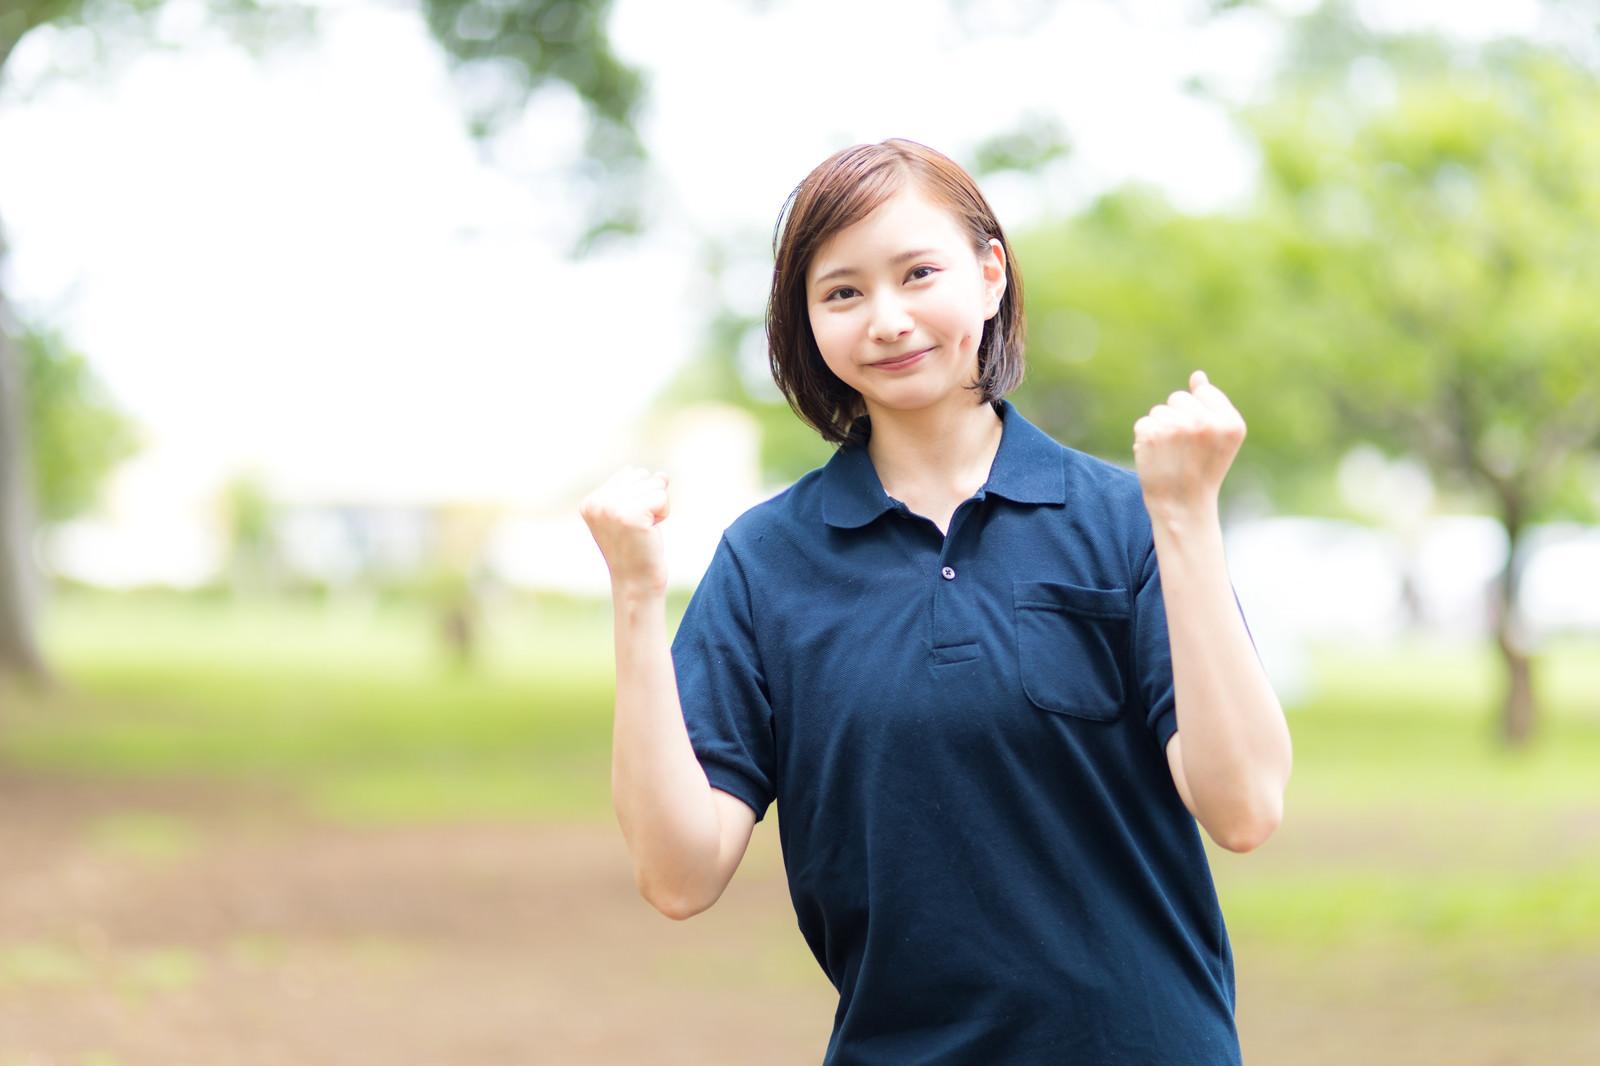 「元気を出していきましょうと励ます介護士の女性」の写真[モデル:yumiko]